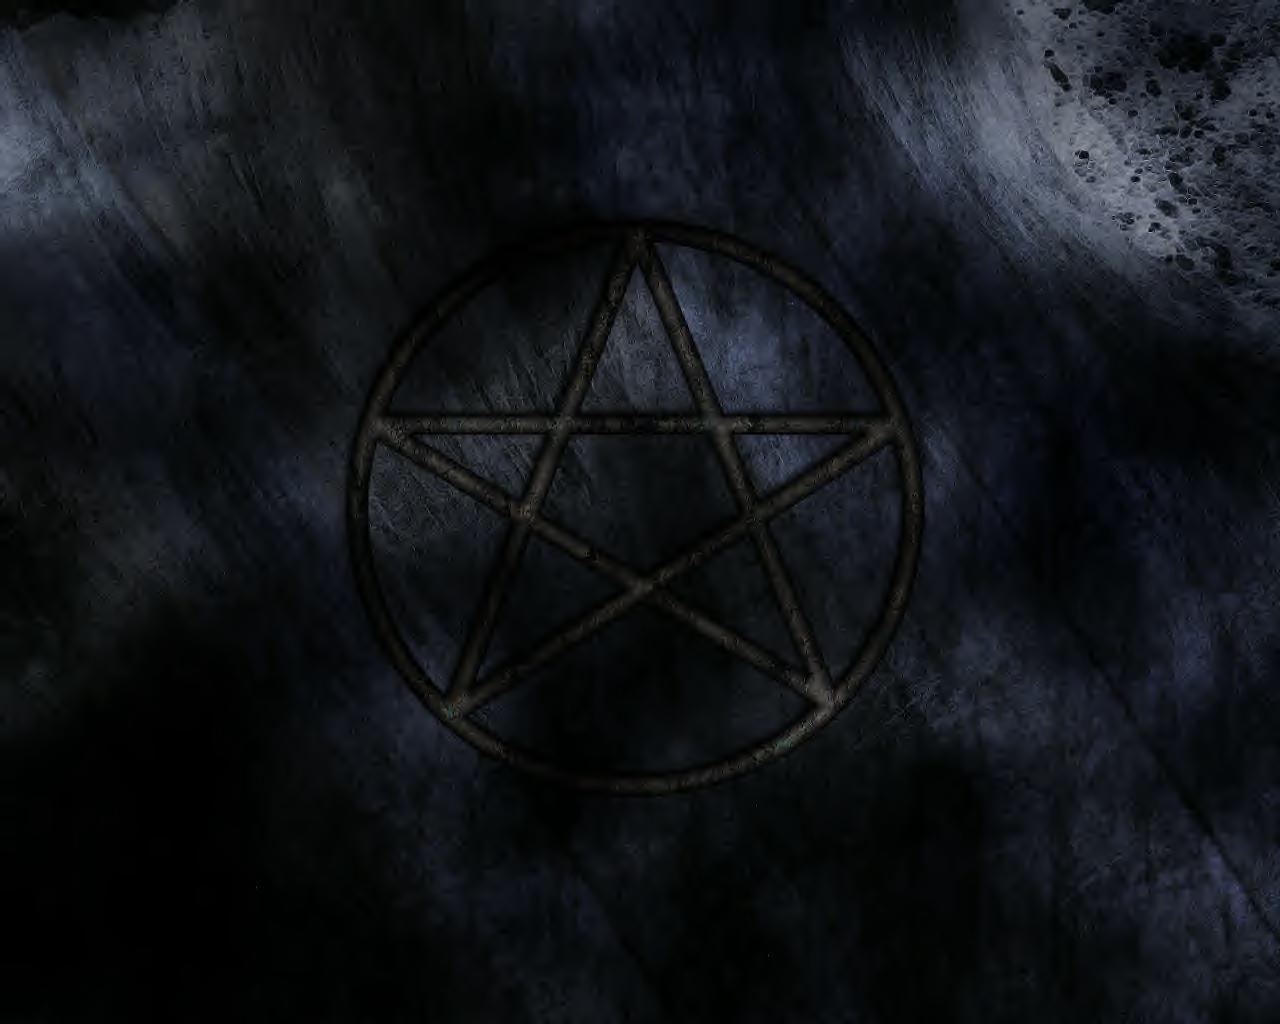 Wiccan Wallpaper Desktop Wicca by athenanekoastraea 1280x1024